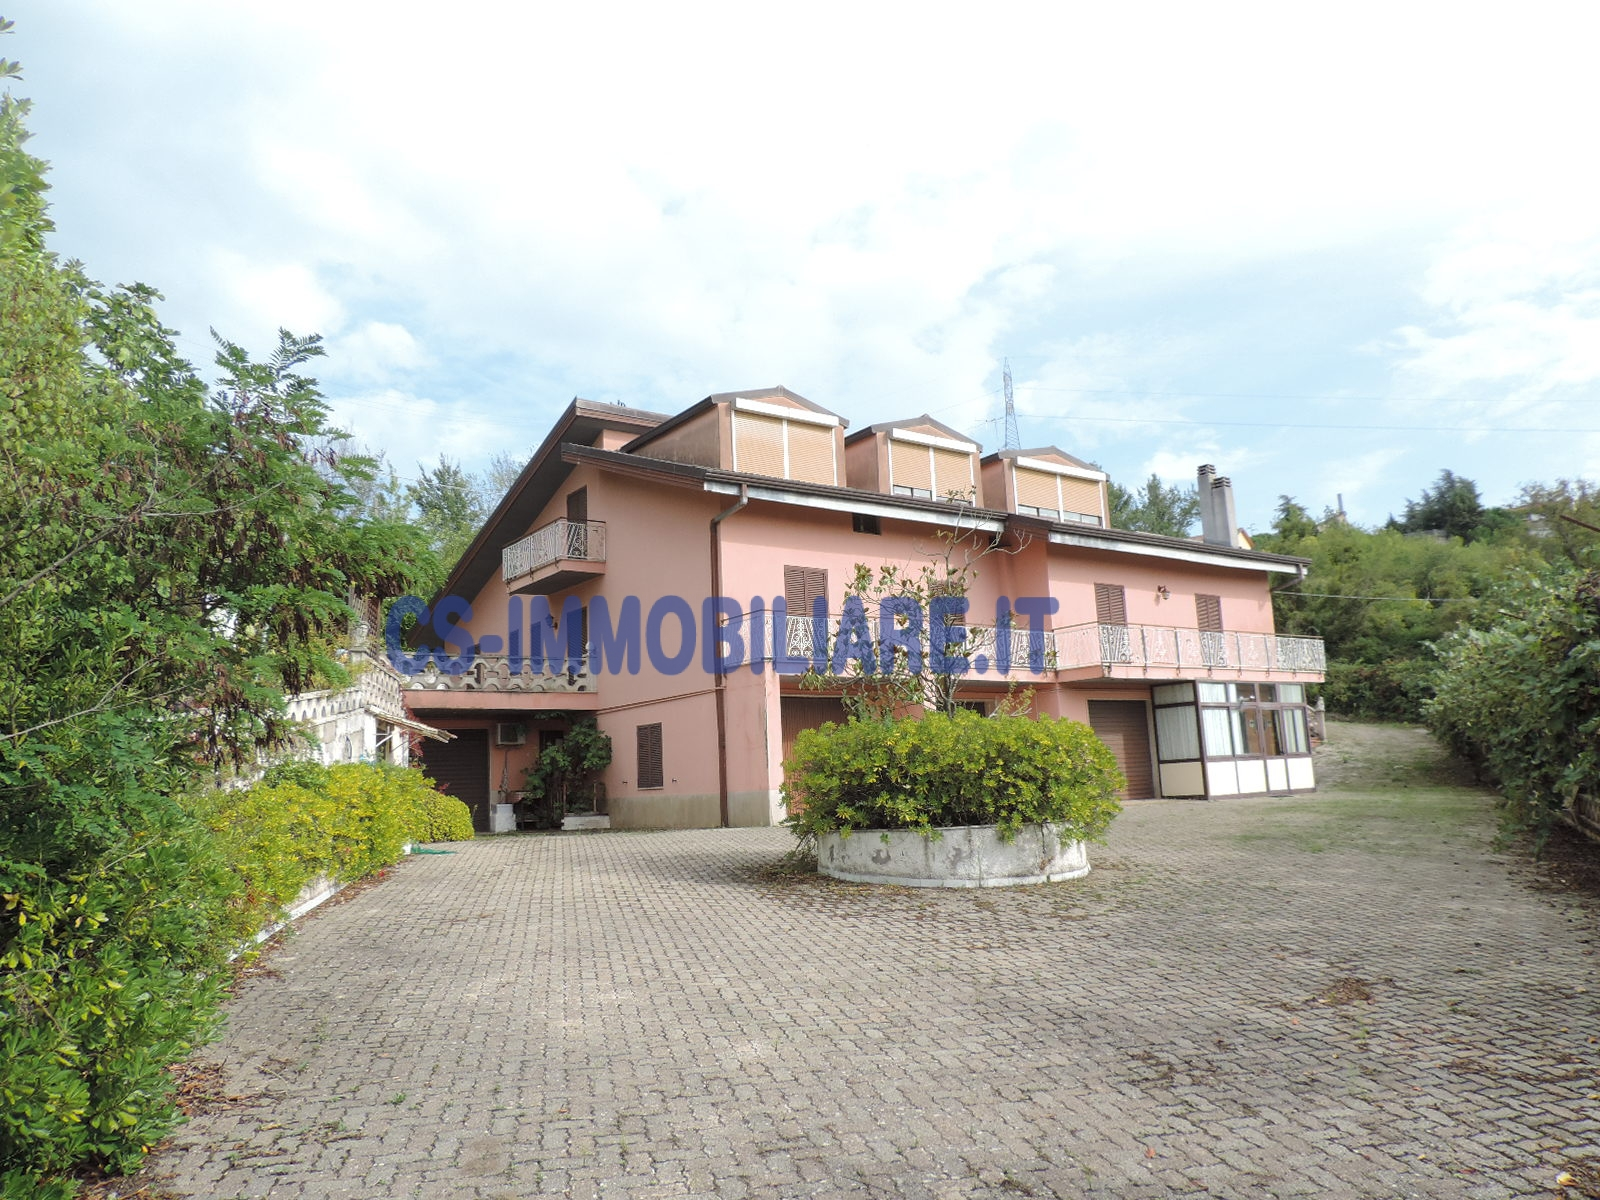 Villa in vendita a Potenza, 20 locali, prezzo € 800.000   Cambio Casa.it